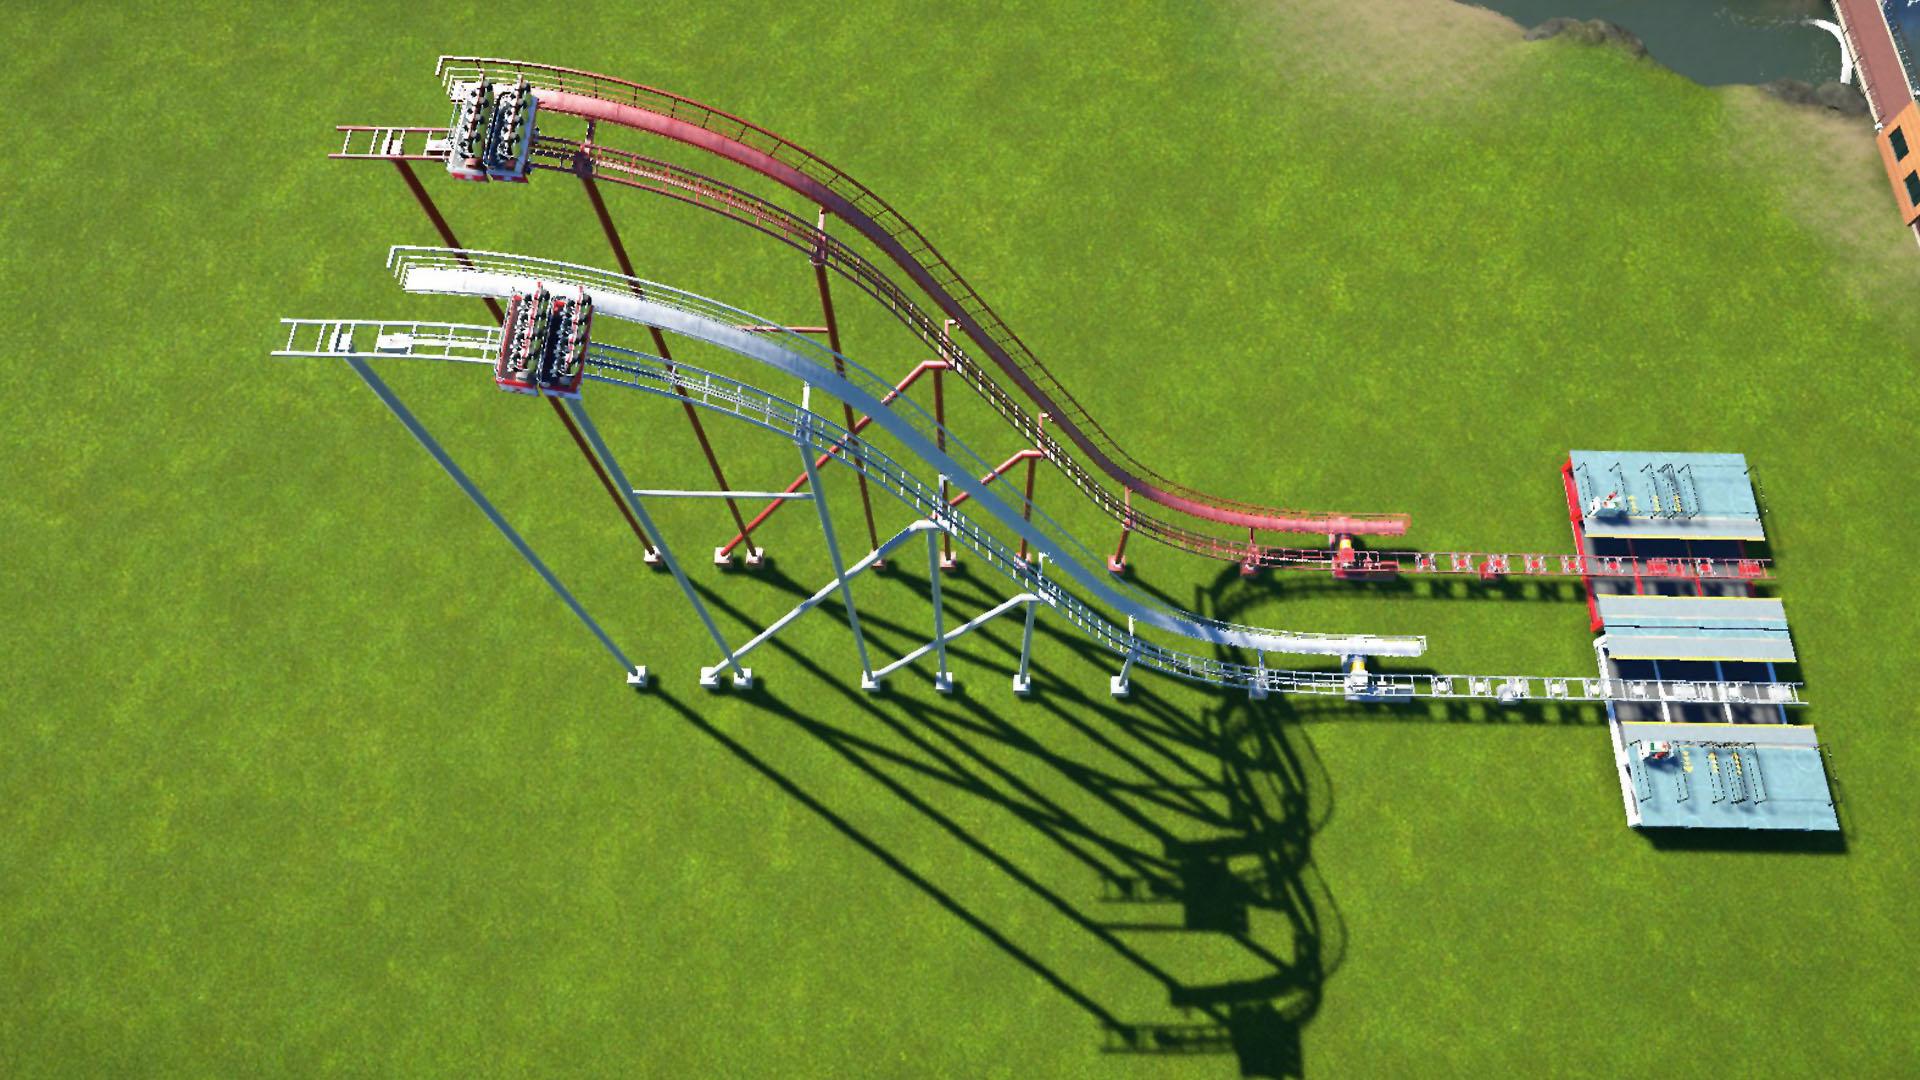 Synchronisierung Von Achterbahnen Allgemeine Planet Coaster